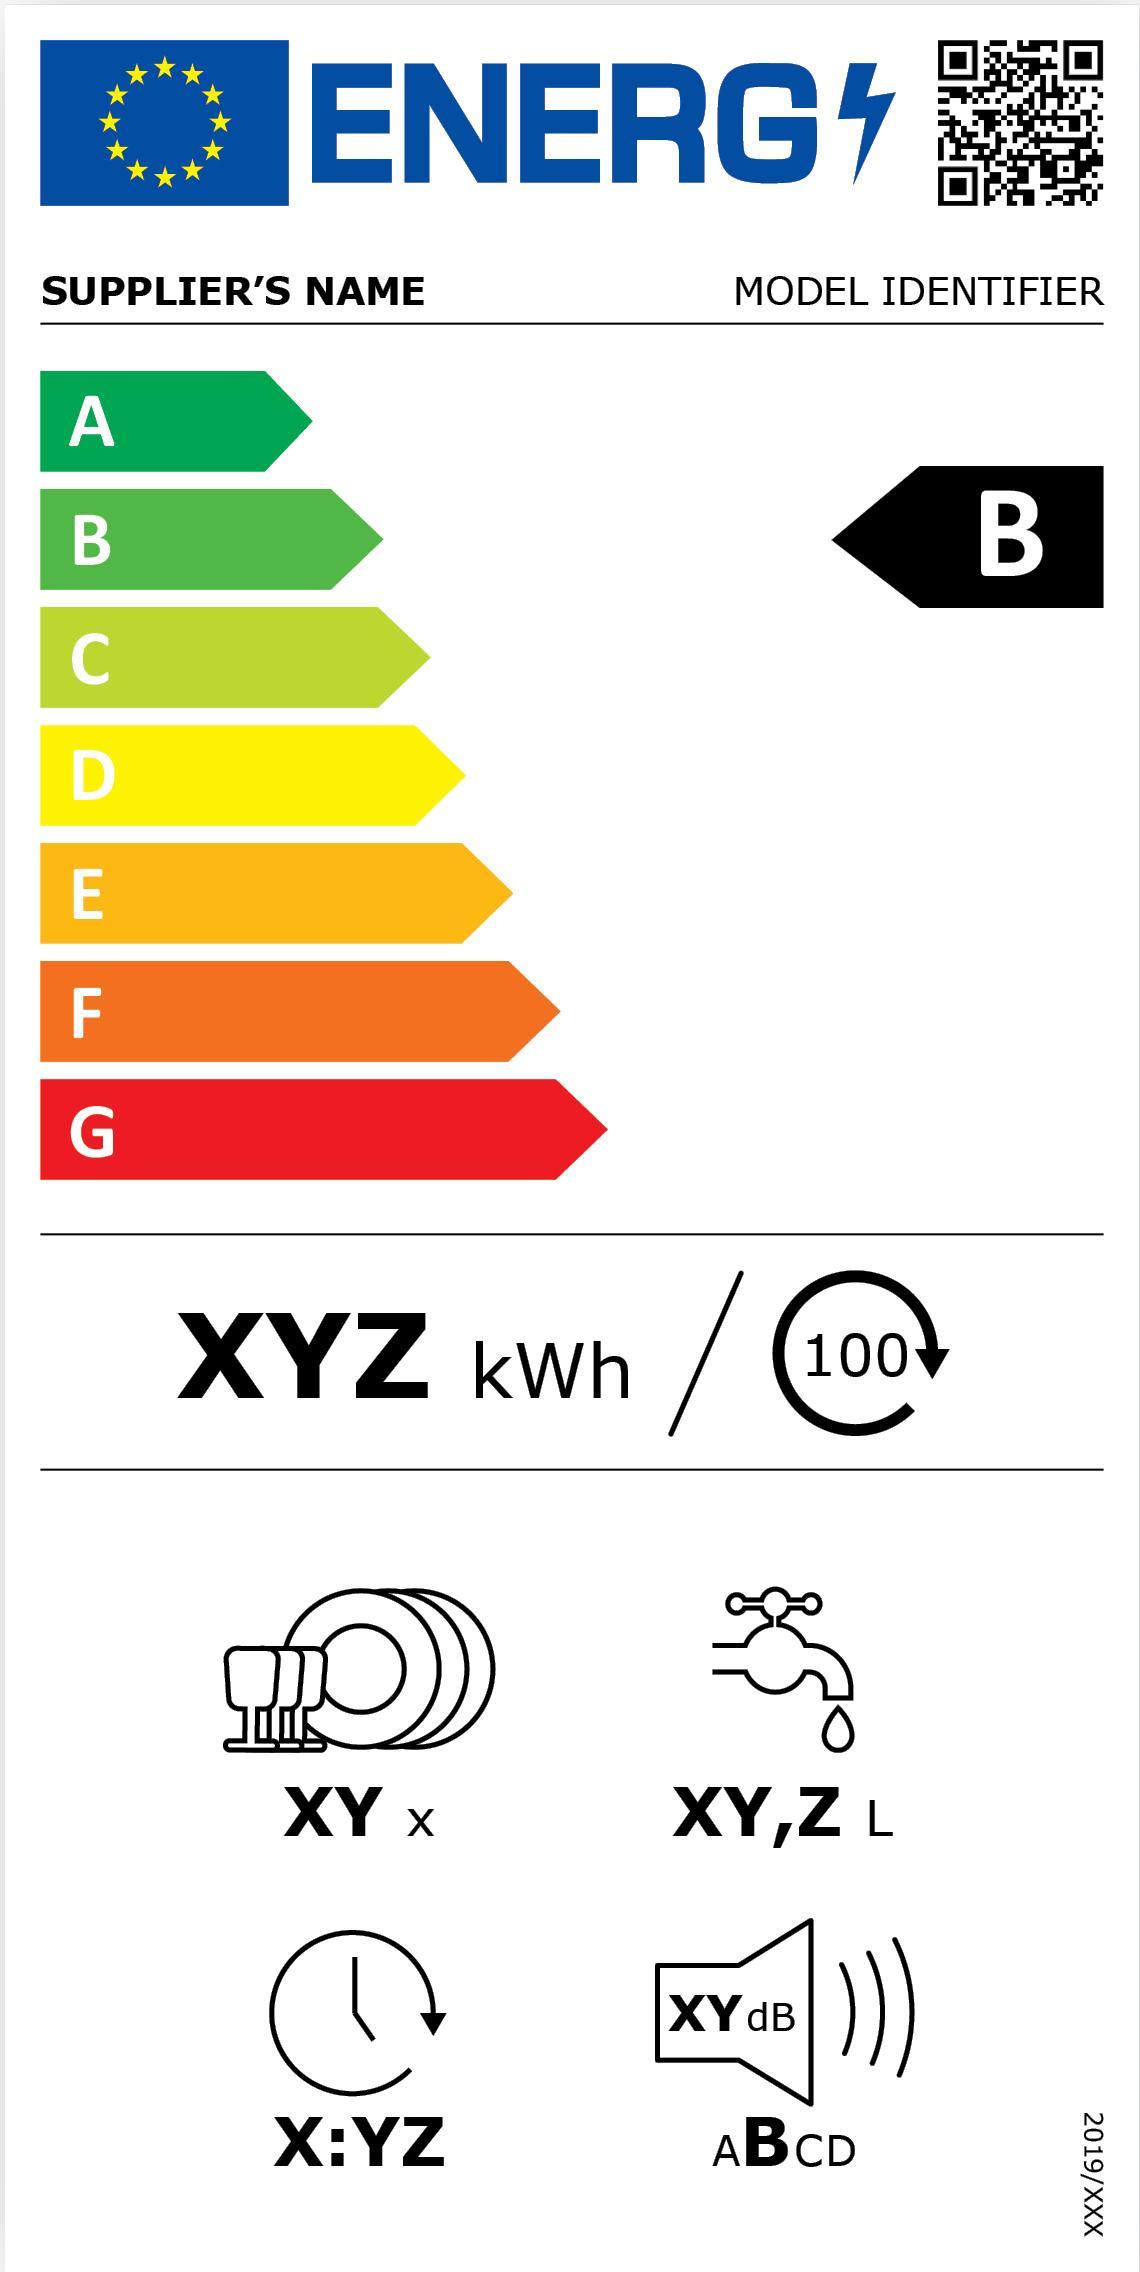 mosogatógép energiacímke 2021